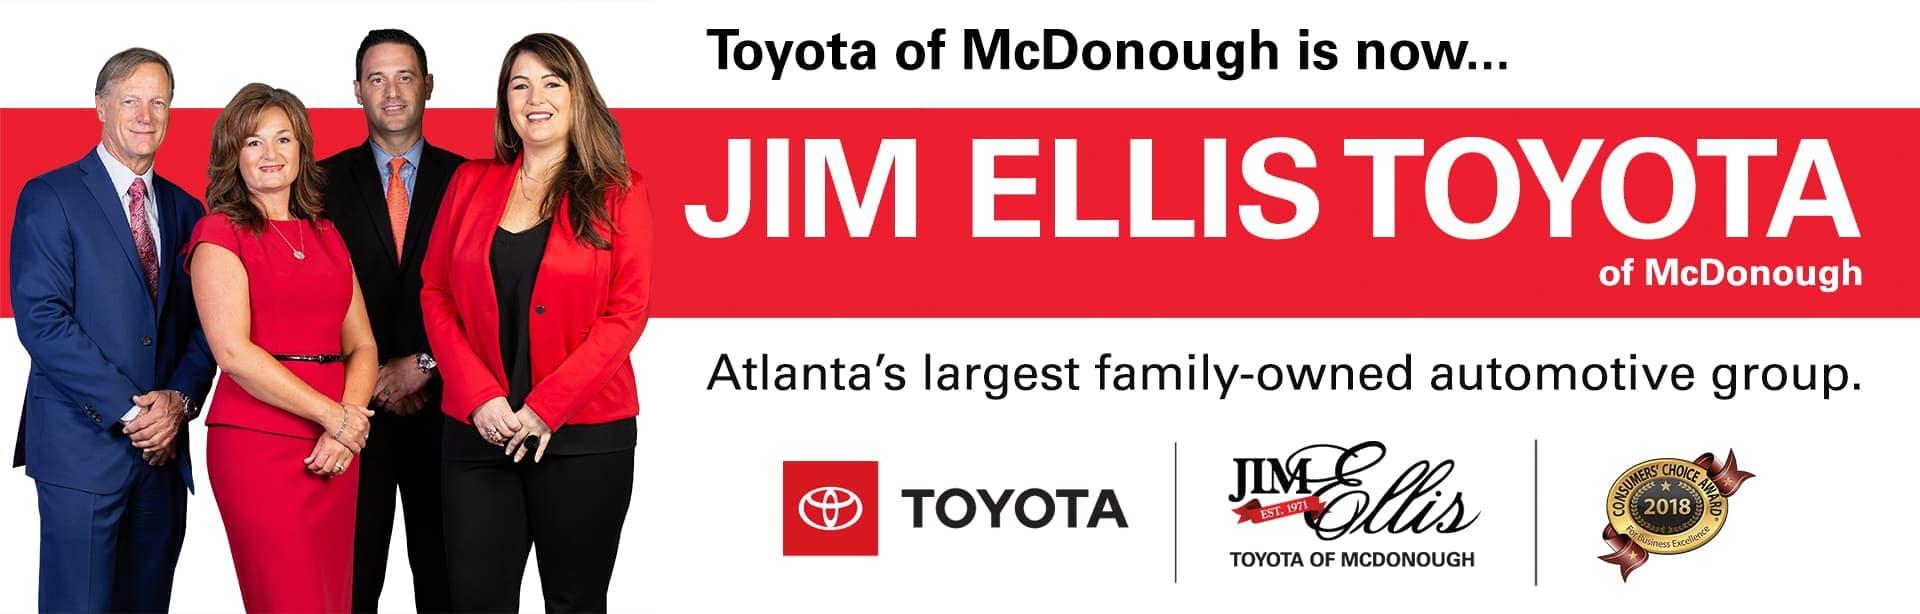 Jim Ellis Toyota of McDonough